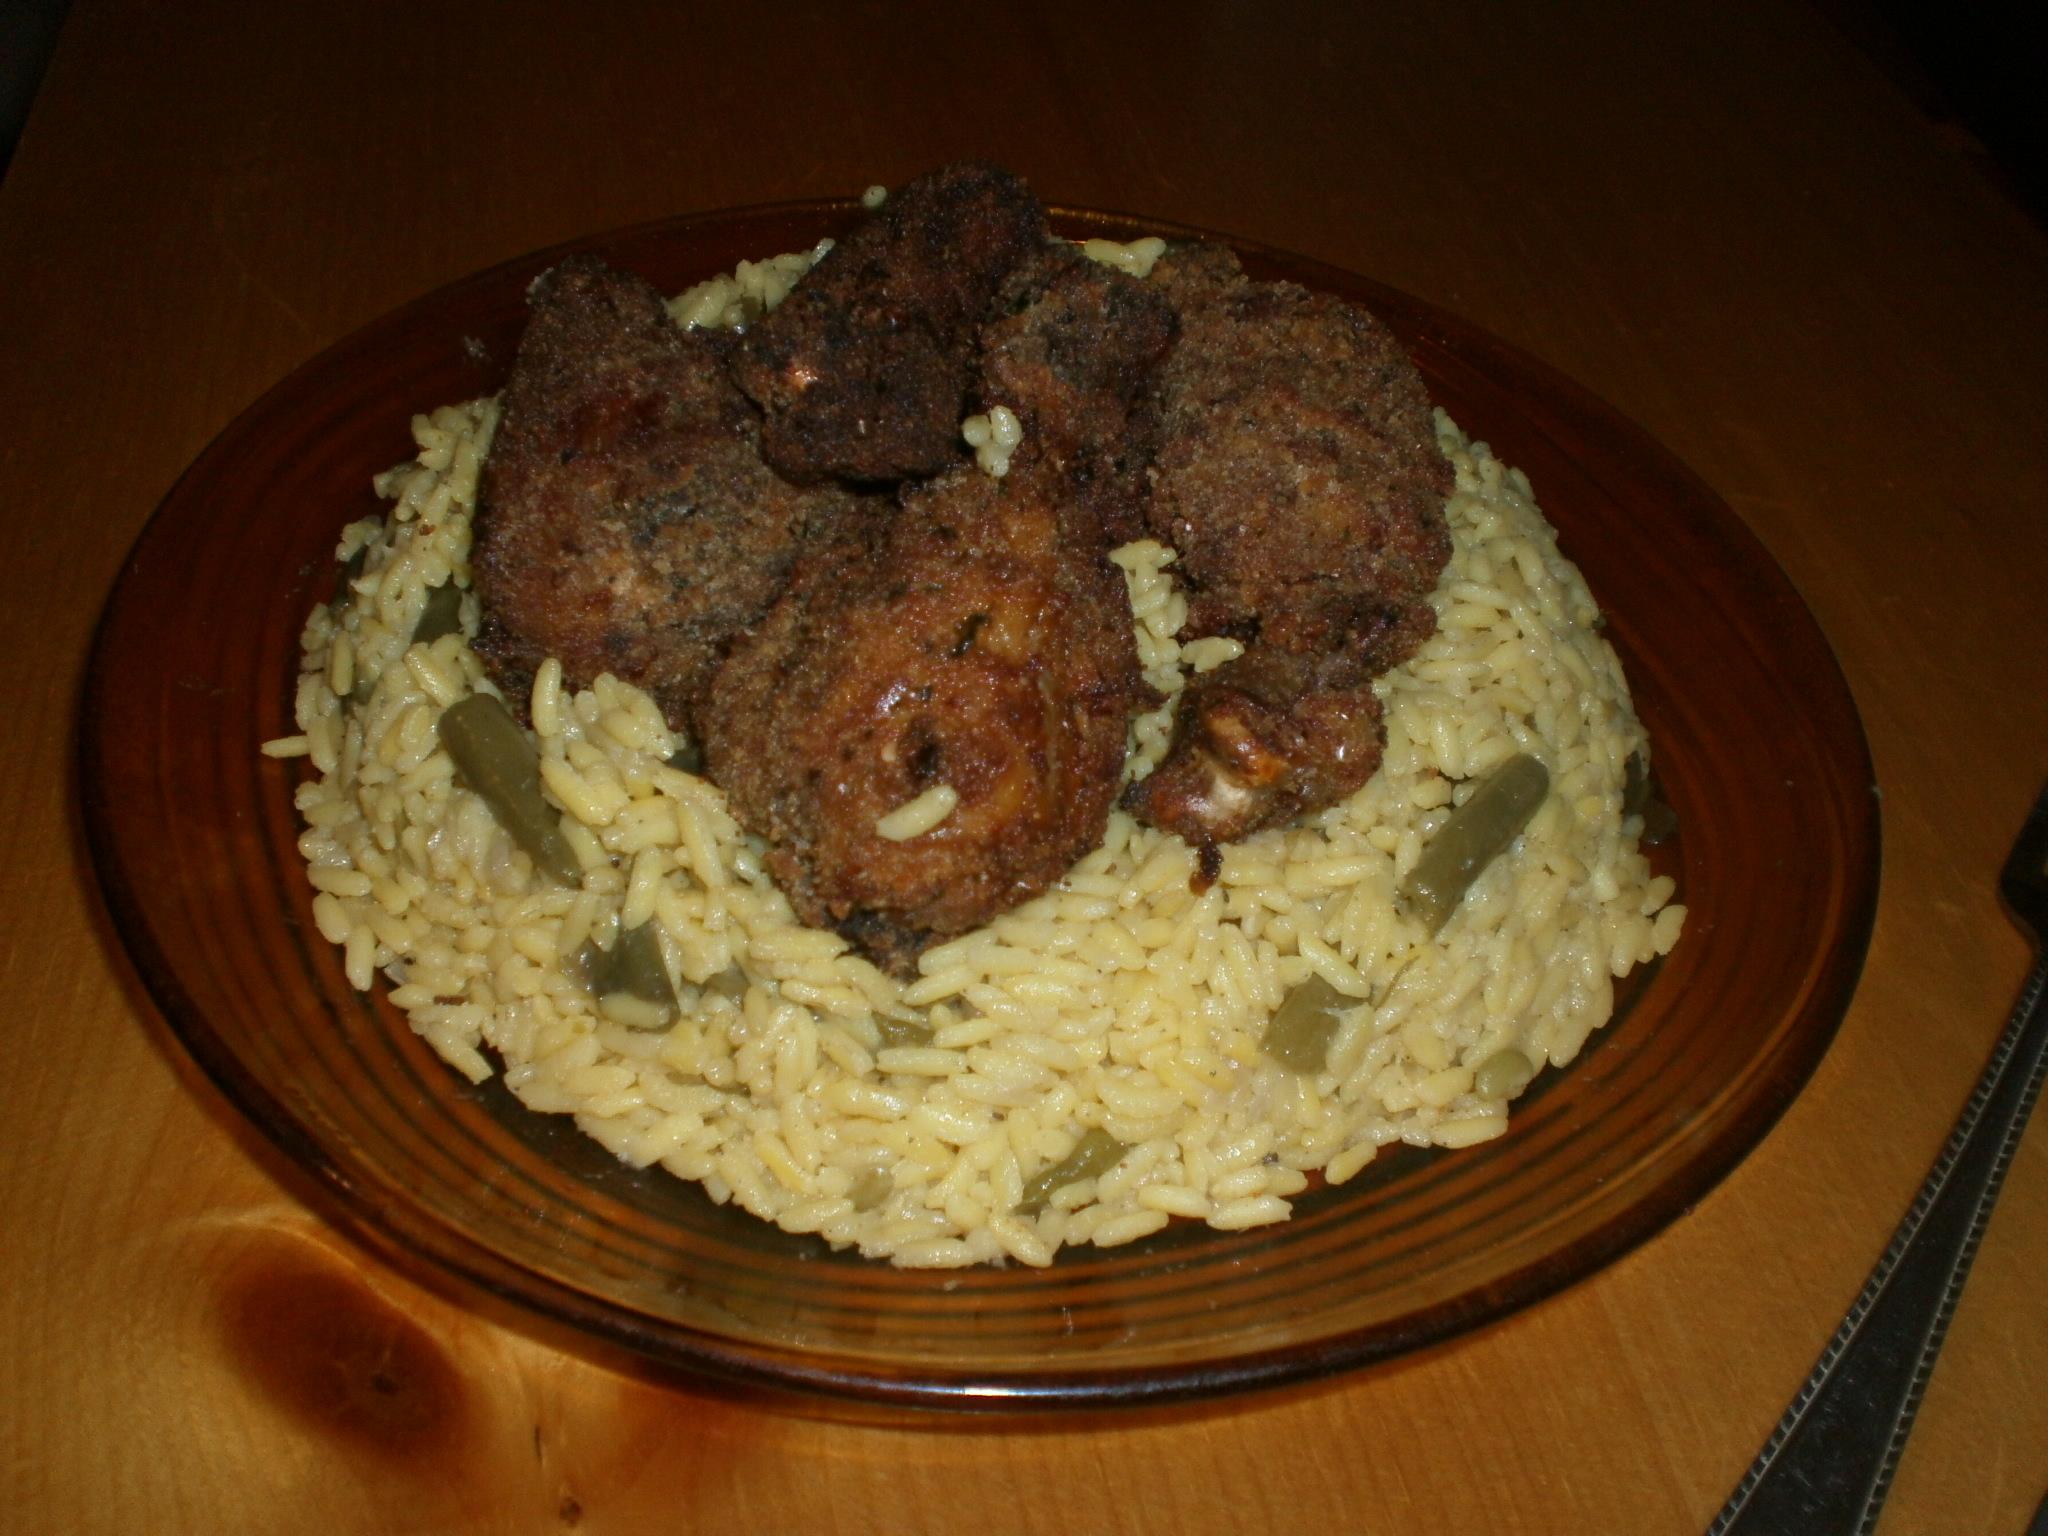 recette pilons de poulet au four et riz recettes maroc. Black Bedroom Furniture Sets. Home Design Ideas